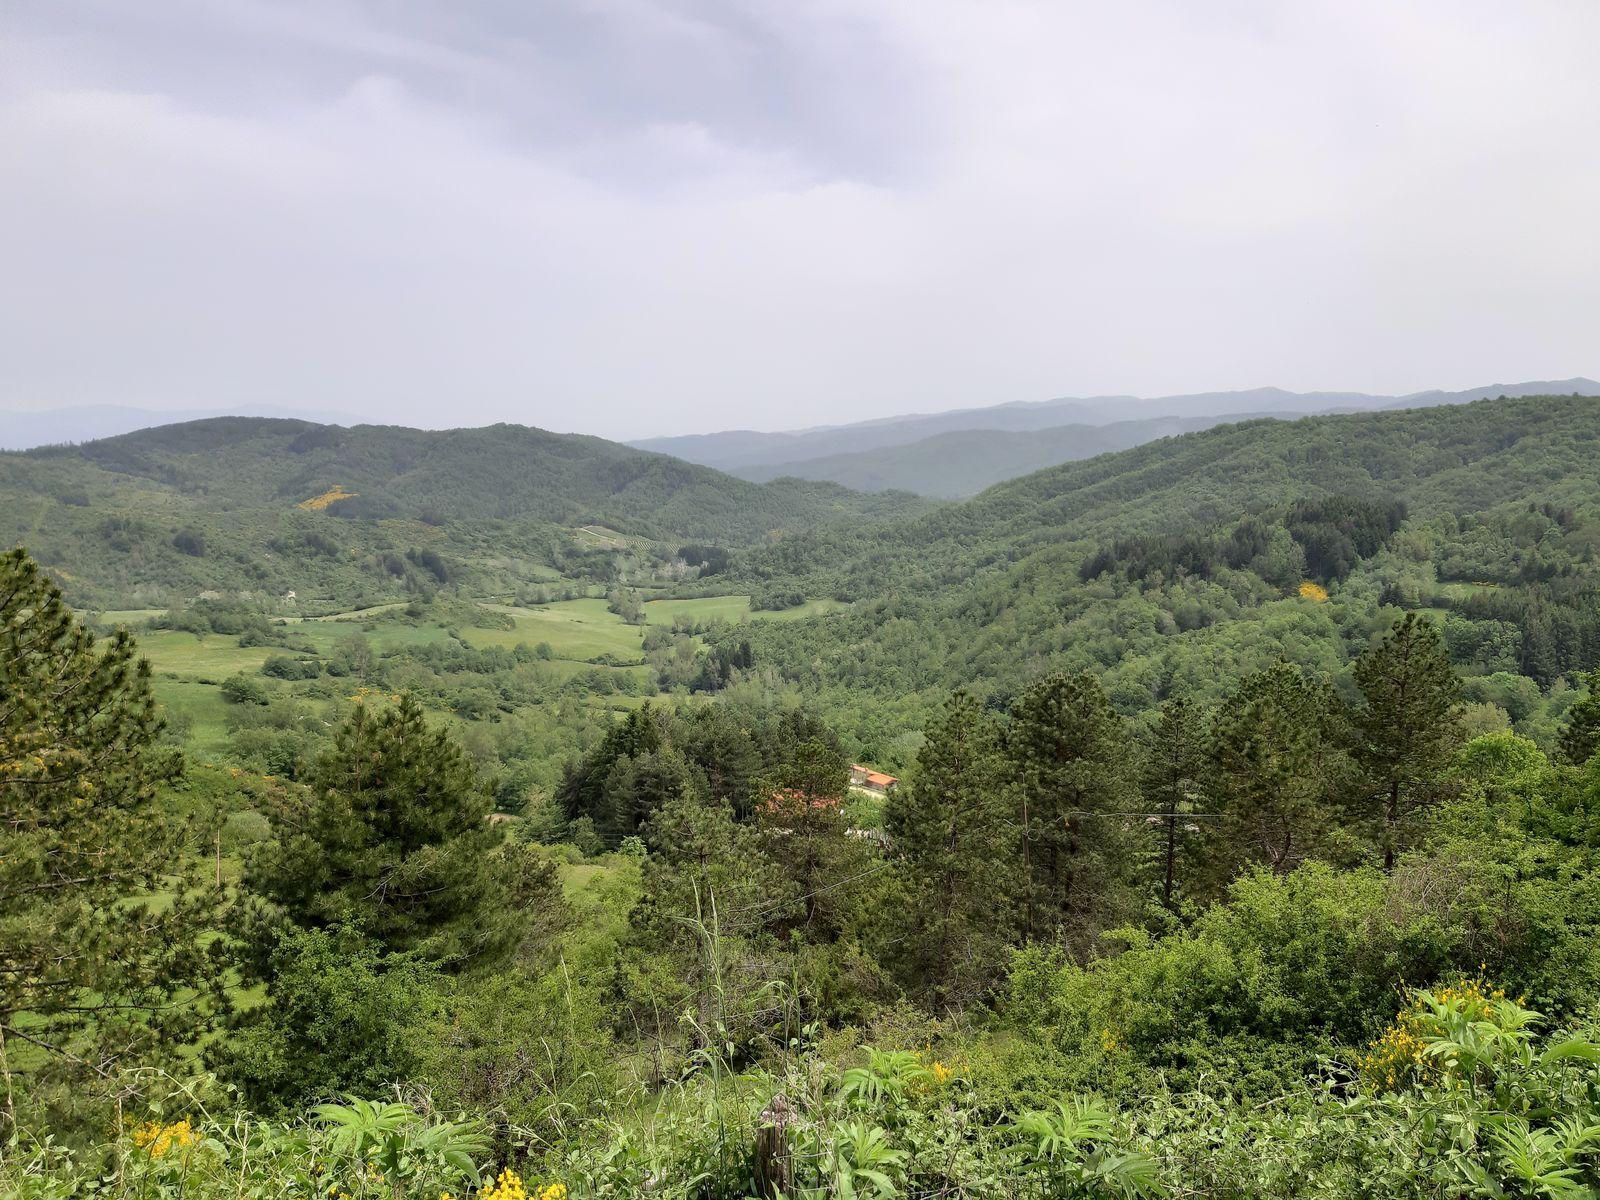 Montemignaio - Terra nascosta del Casentino